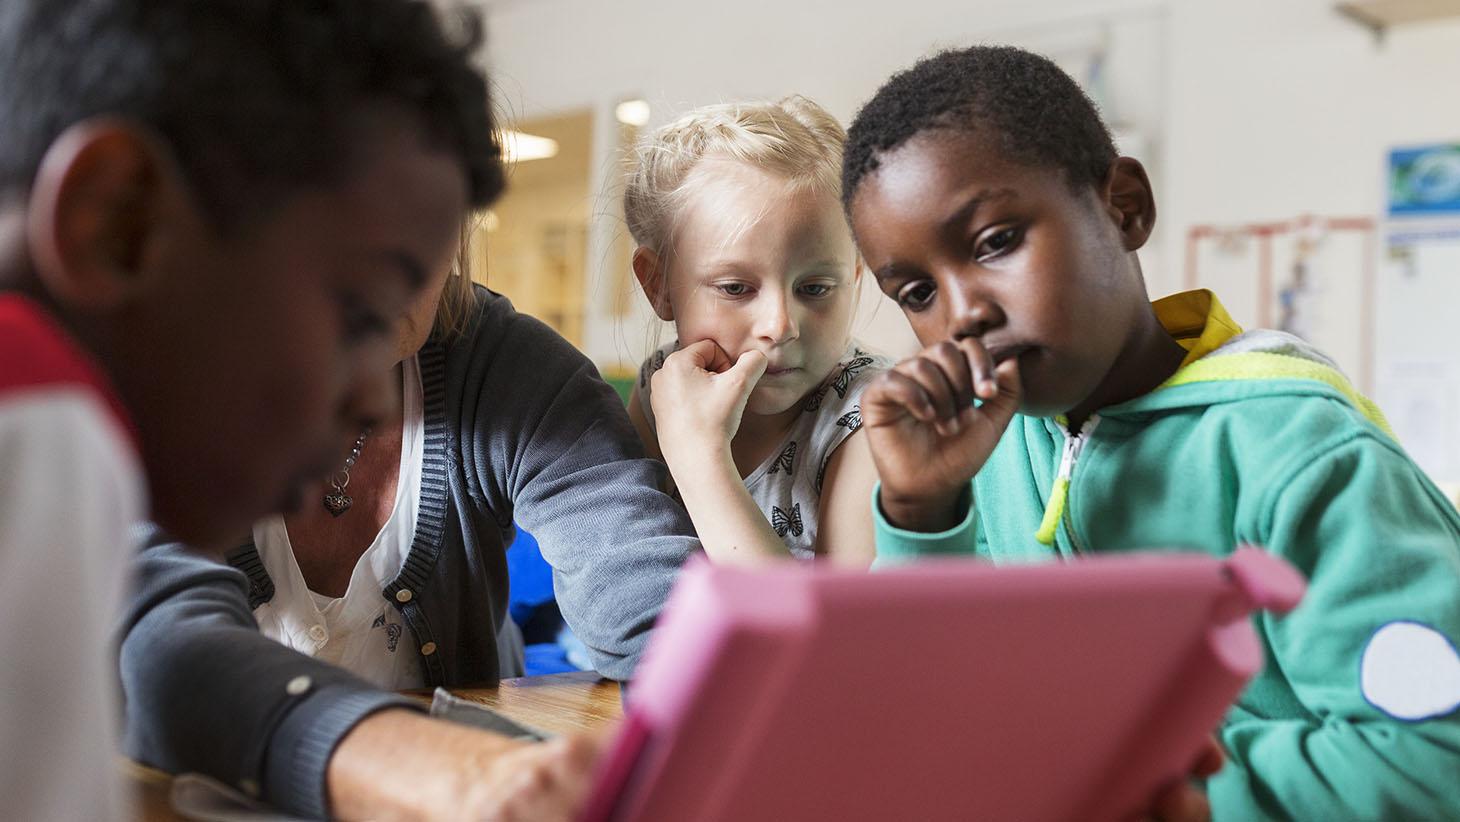 tre barn i förskoleålder sitter vid ett bord, tillsammans med en pedagog och tittar på en surfplatta